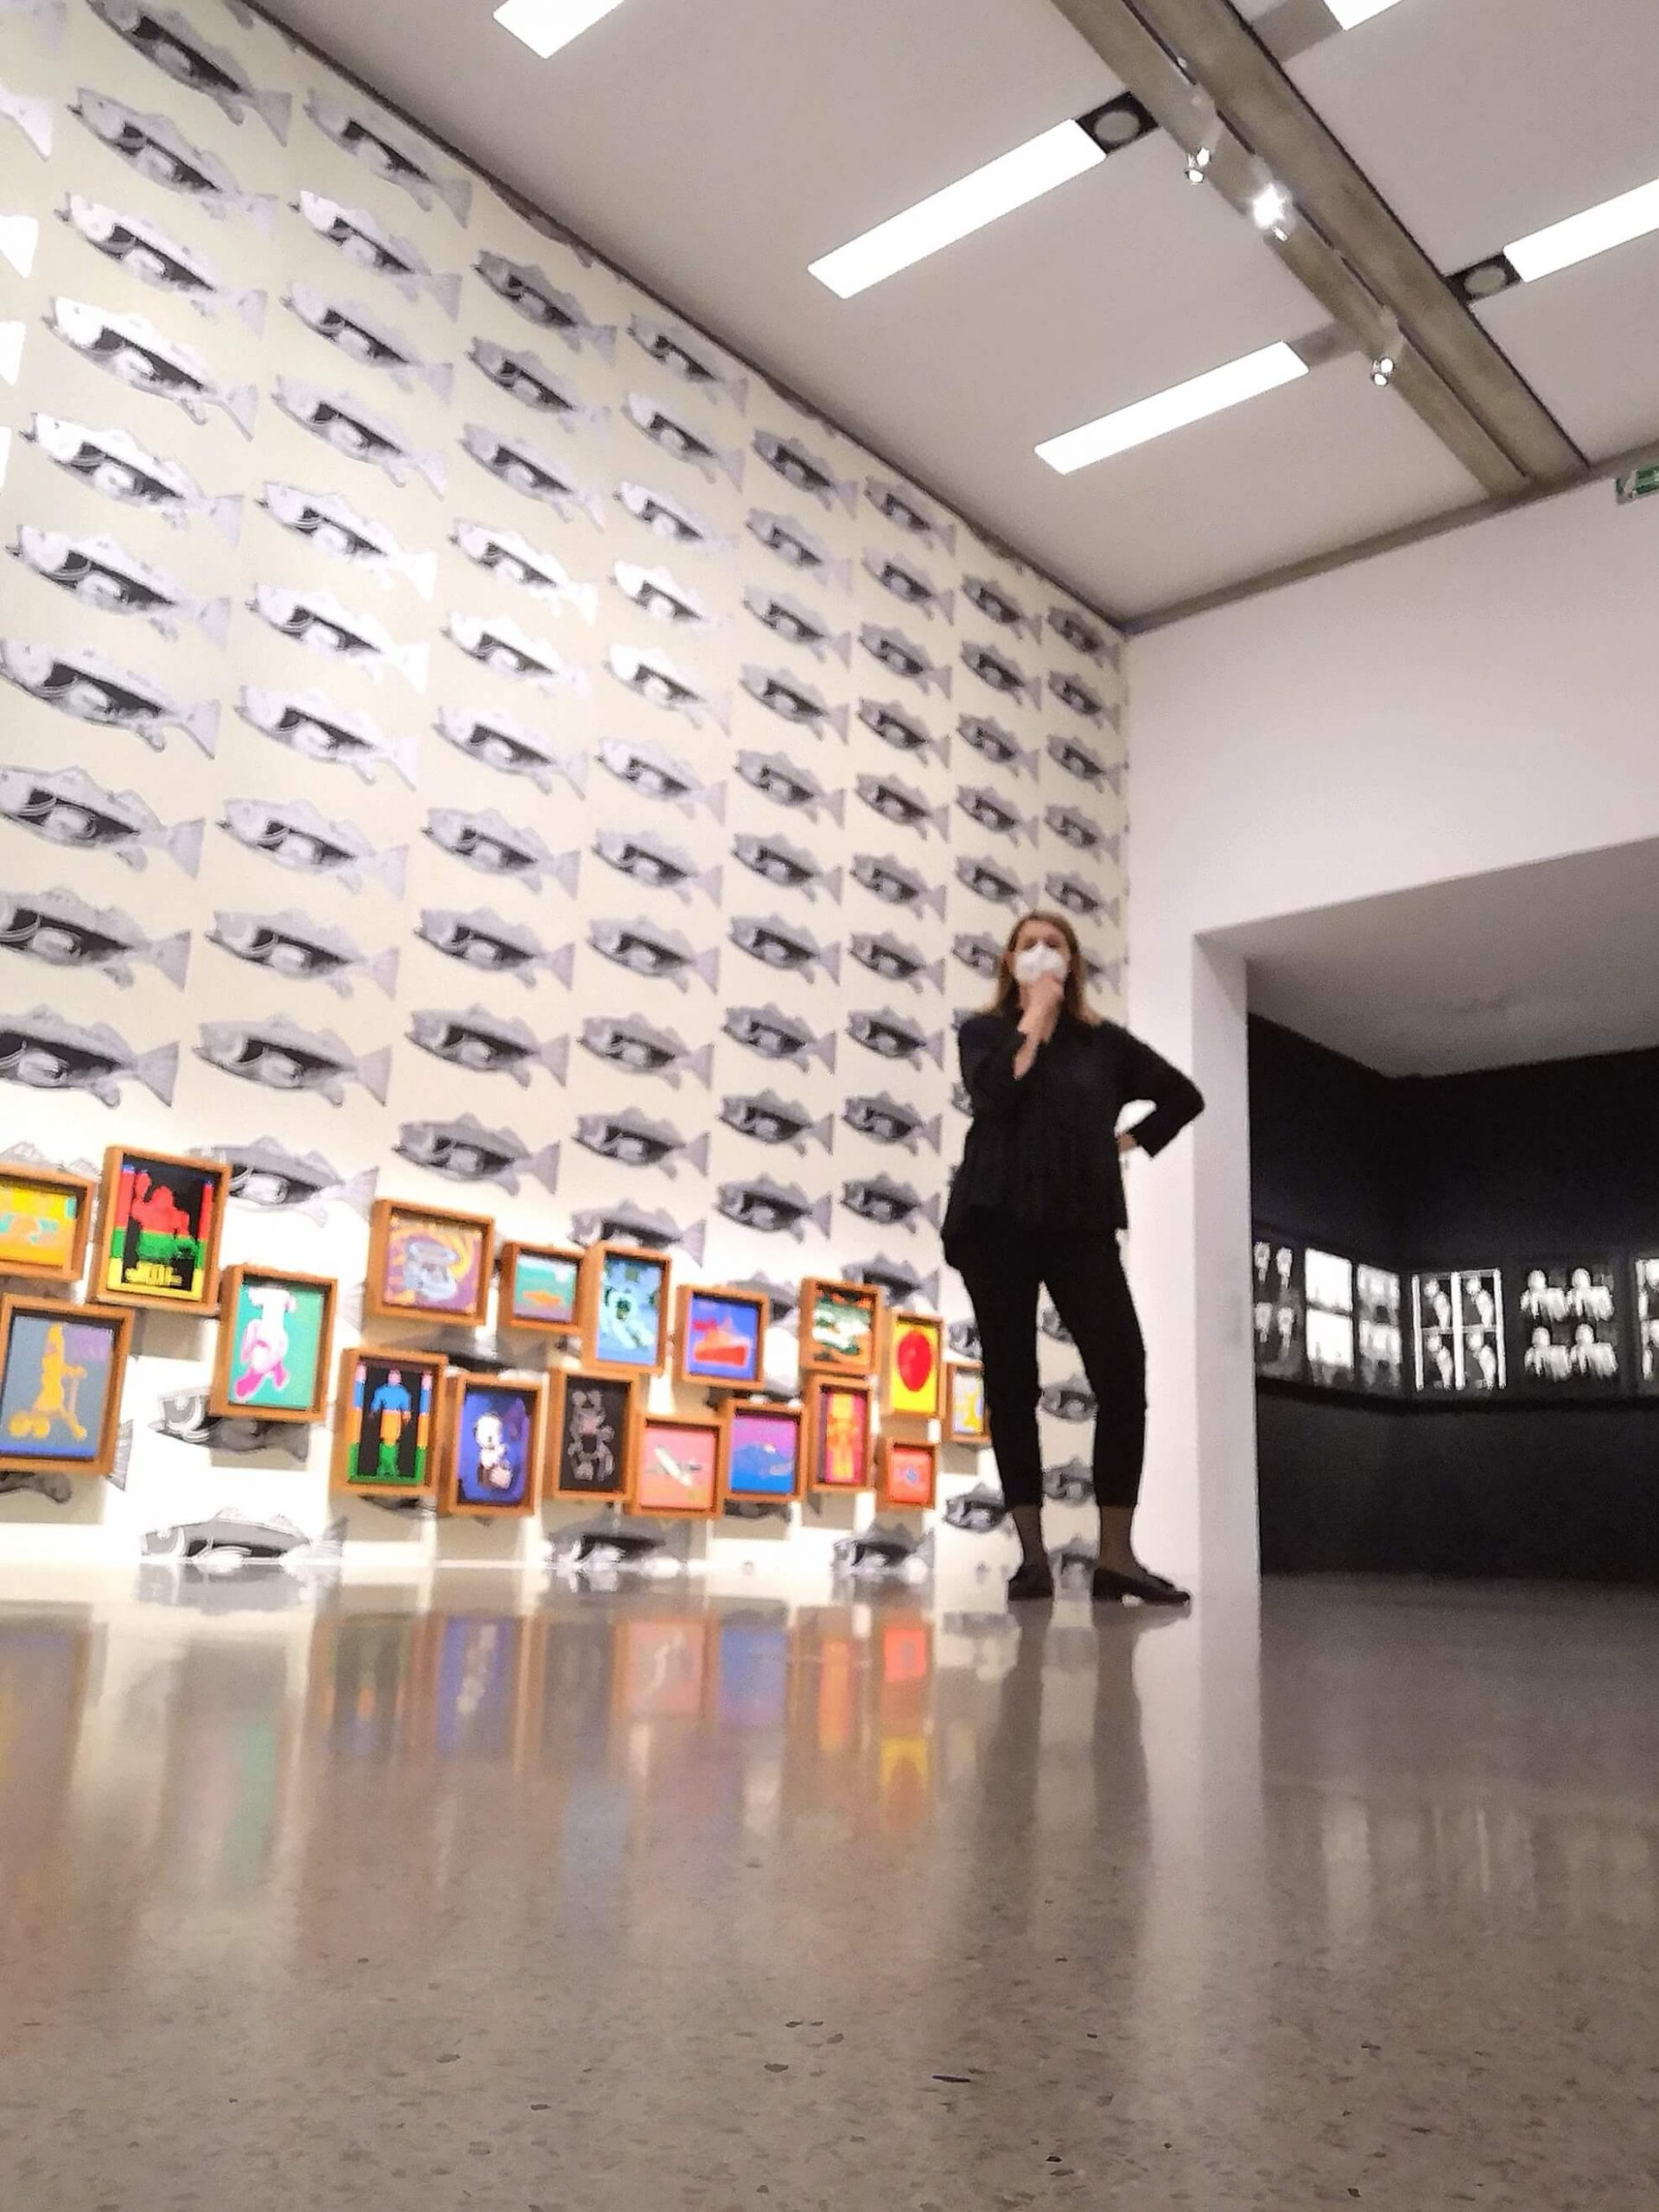 Andy Warhol, Ausstellungsansicht, Kinderbilder & Sewn Photographs, Mumok, Wien